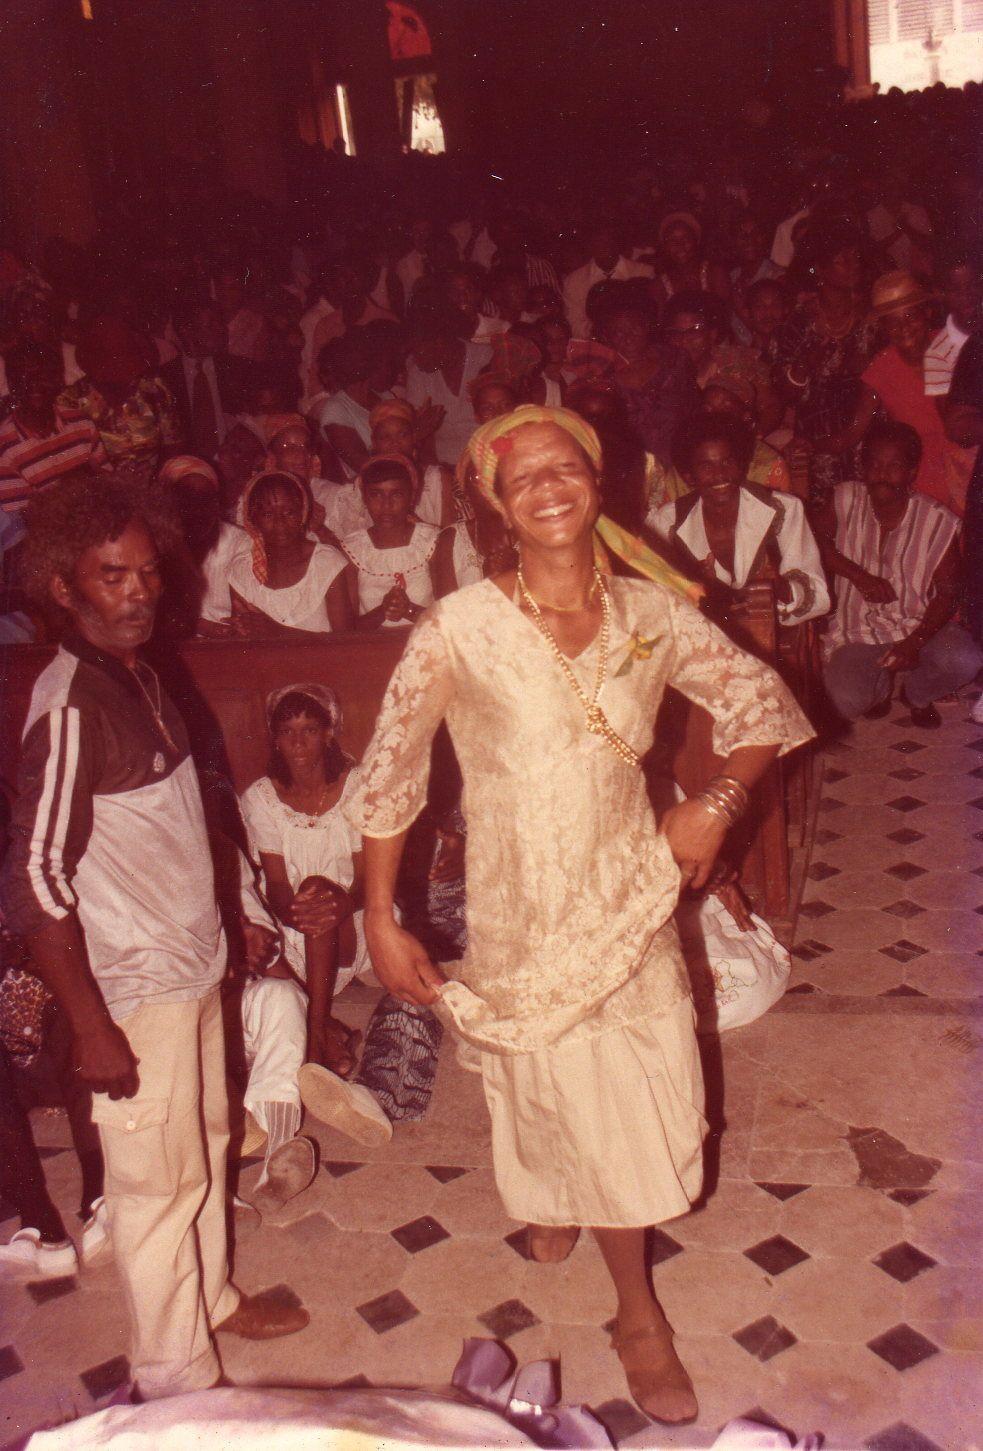 3 ) Un travesti dansant de le cerceuil du défunt, au bas des marches du choeur. 4 et 5 ) Deux caricatures du père C-C. Le journal Guadeloupe 2000 combatit aussi par la carictaure et l'humour. Plus soft cependant que celui d'un Charlie-Hebdo.